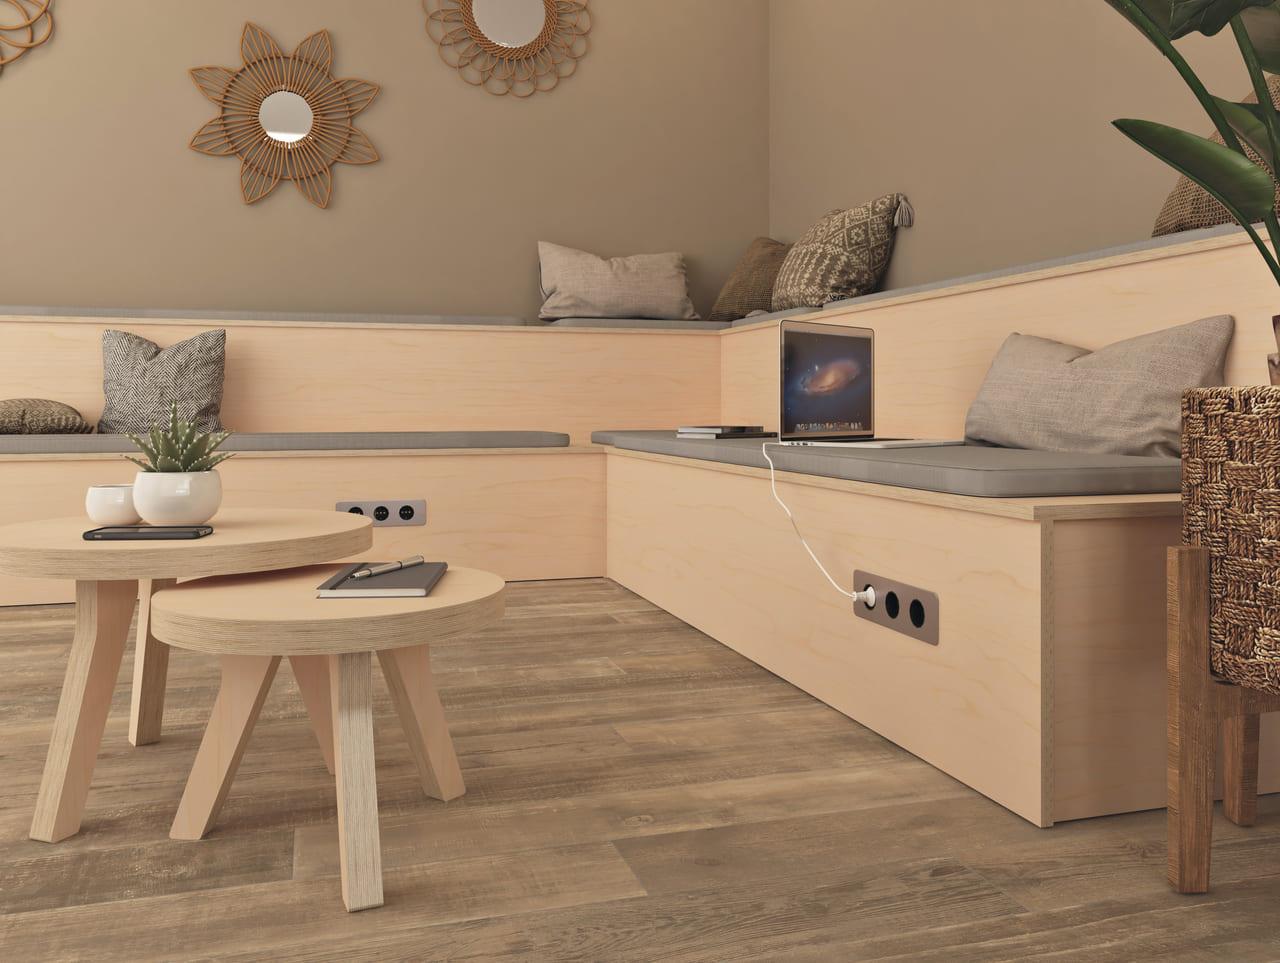 Estrade en bois avec des coussins et des prises intégrées pour brancher les ordinateurs et disposée dans un espace détente à l'ambiance bohème et ethnique décorée de miroirs de couleur dorée et de plantes vertes